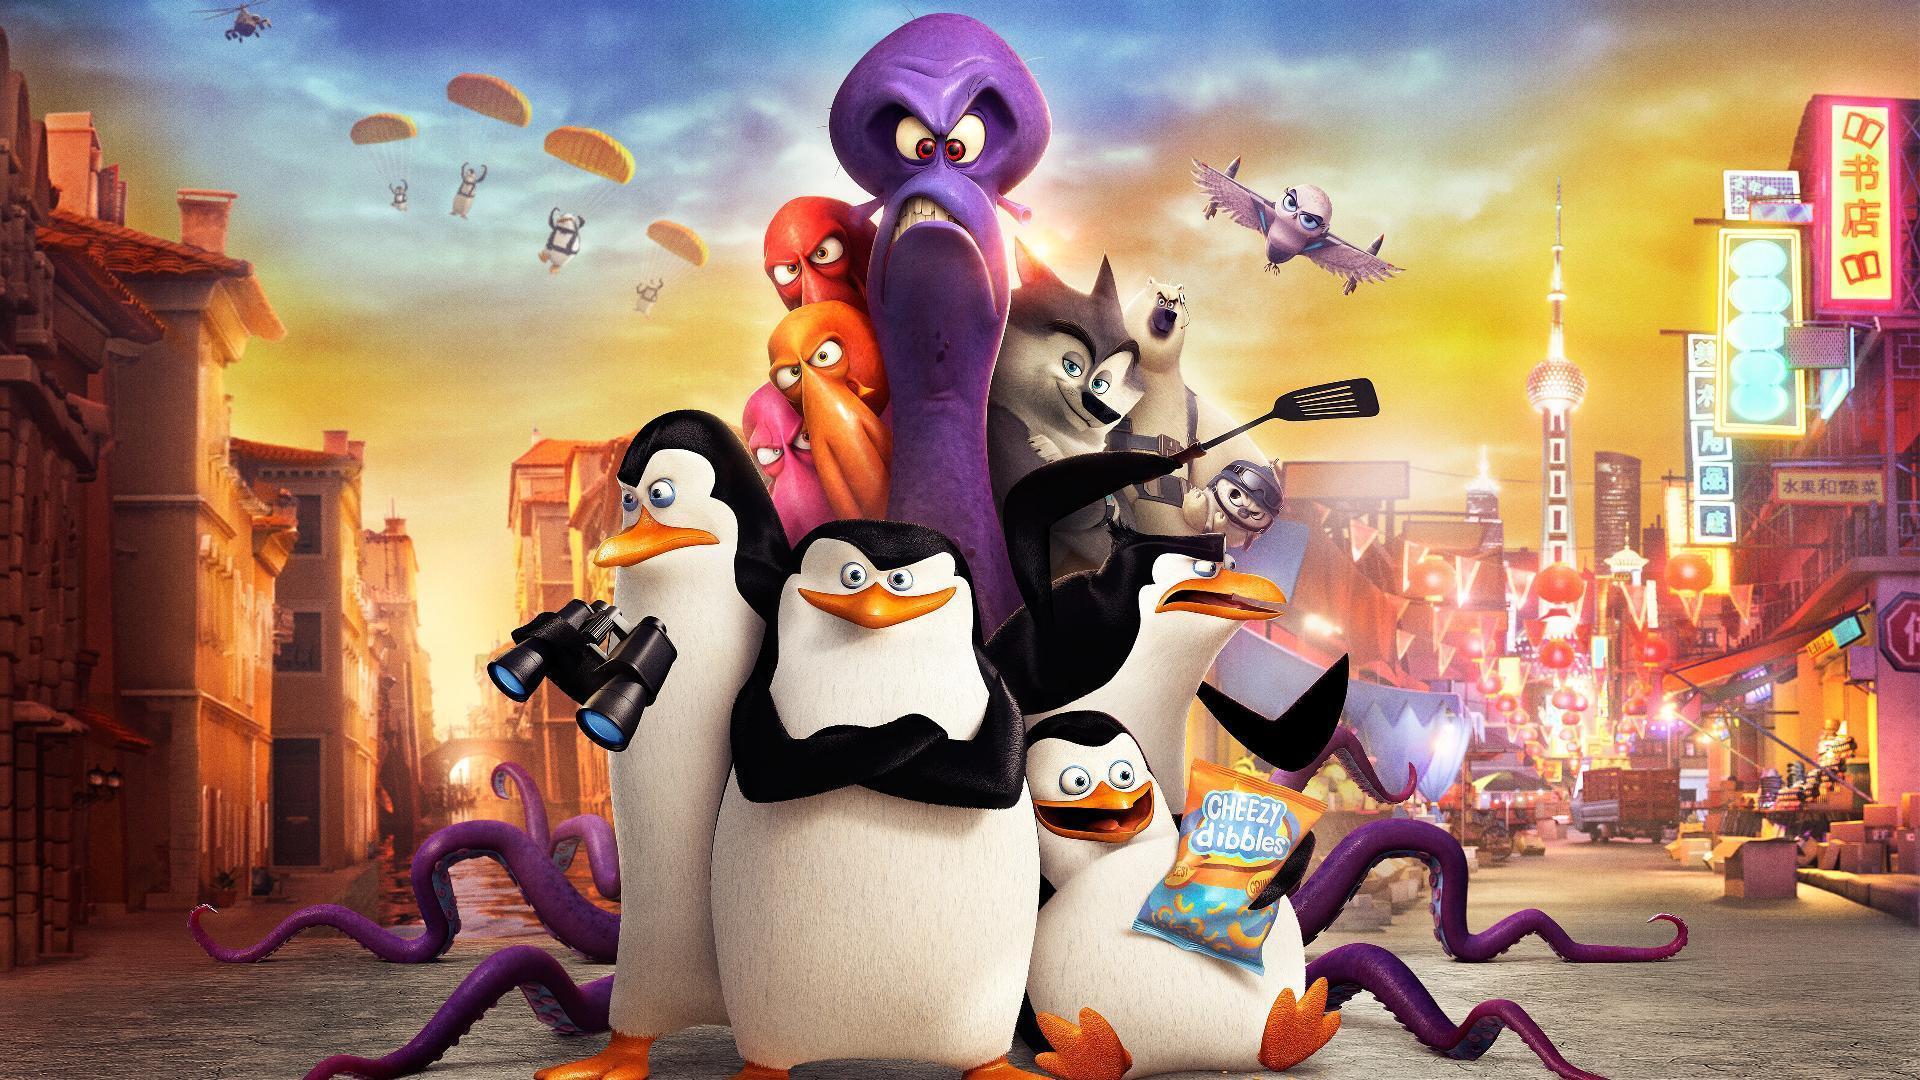 Пингвины Мадагаскара смотреть фото